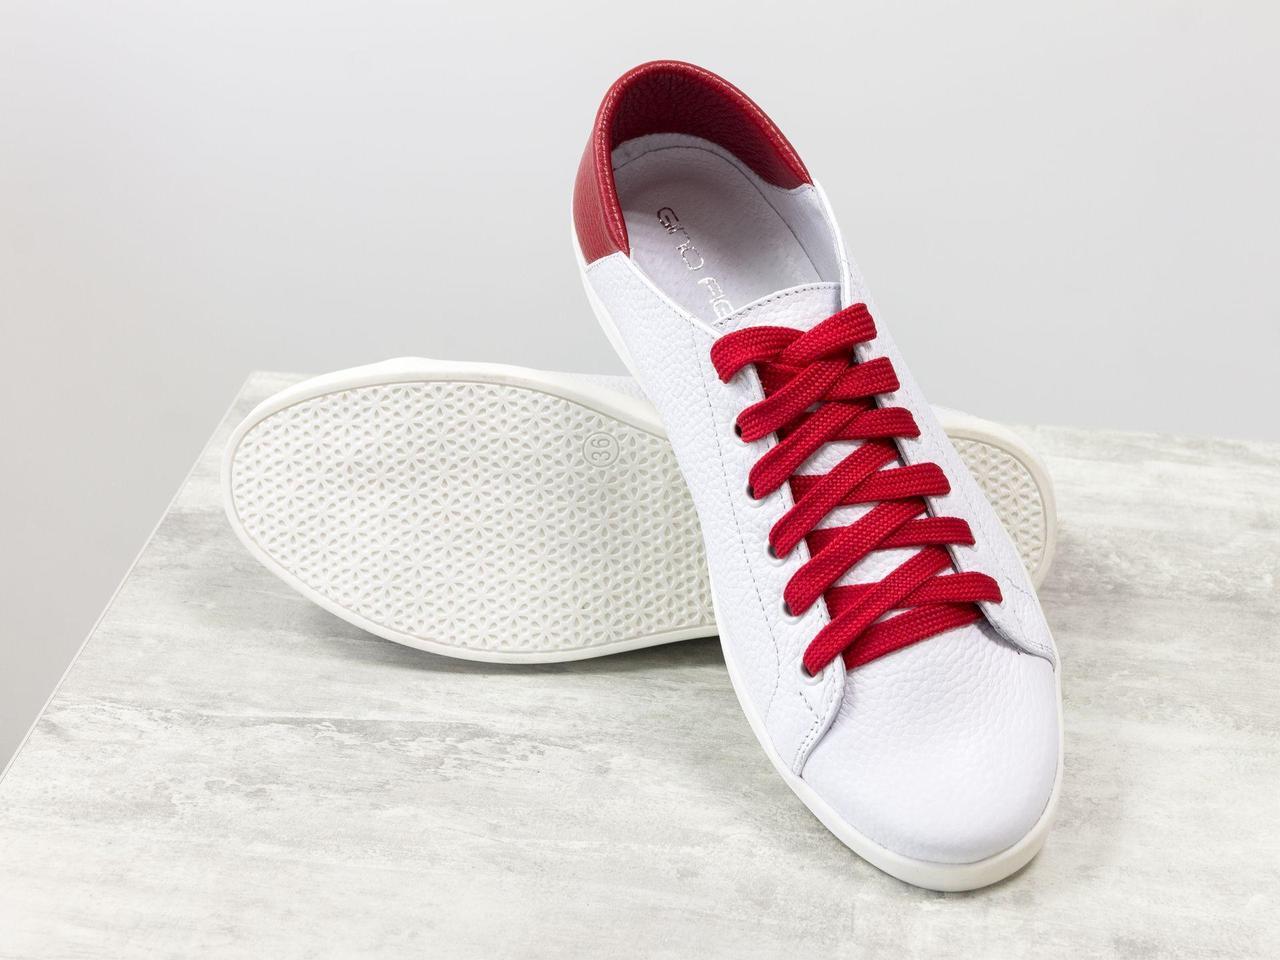 Кеды кожаные с мягким красным задником на белой подошве,